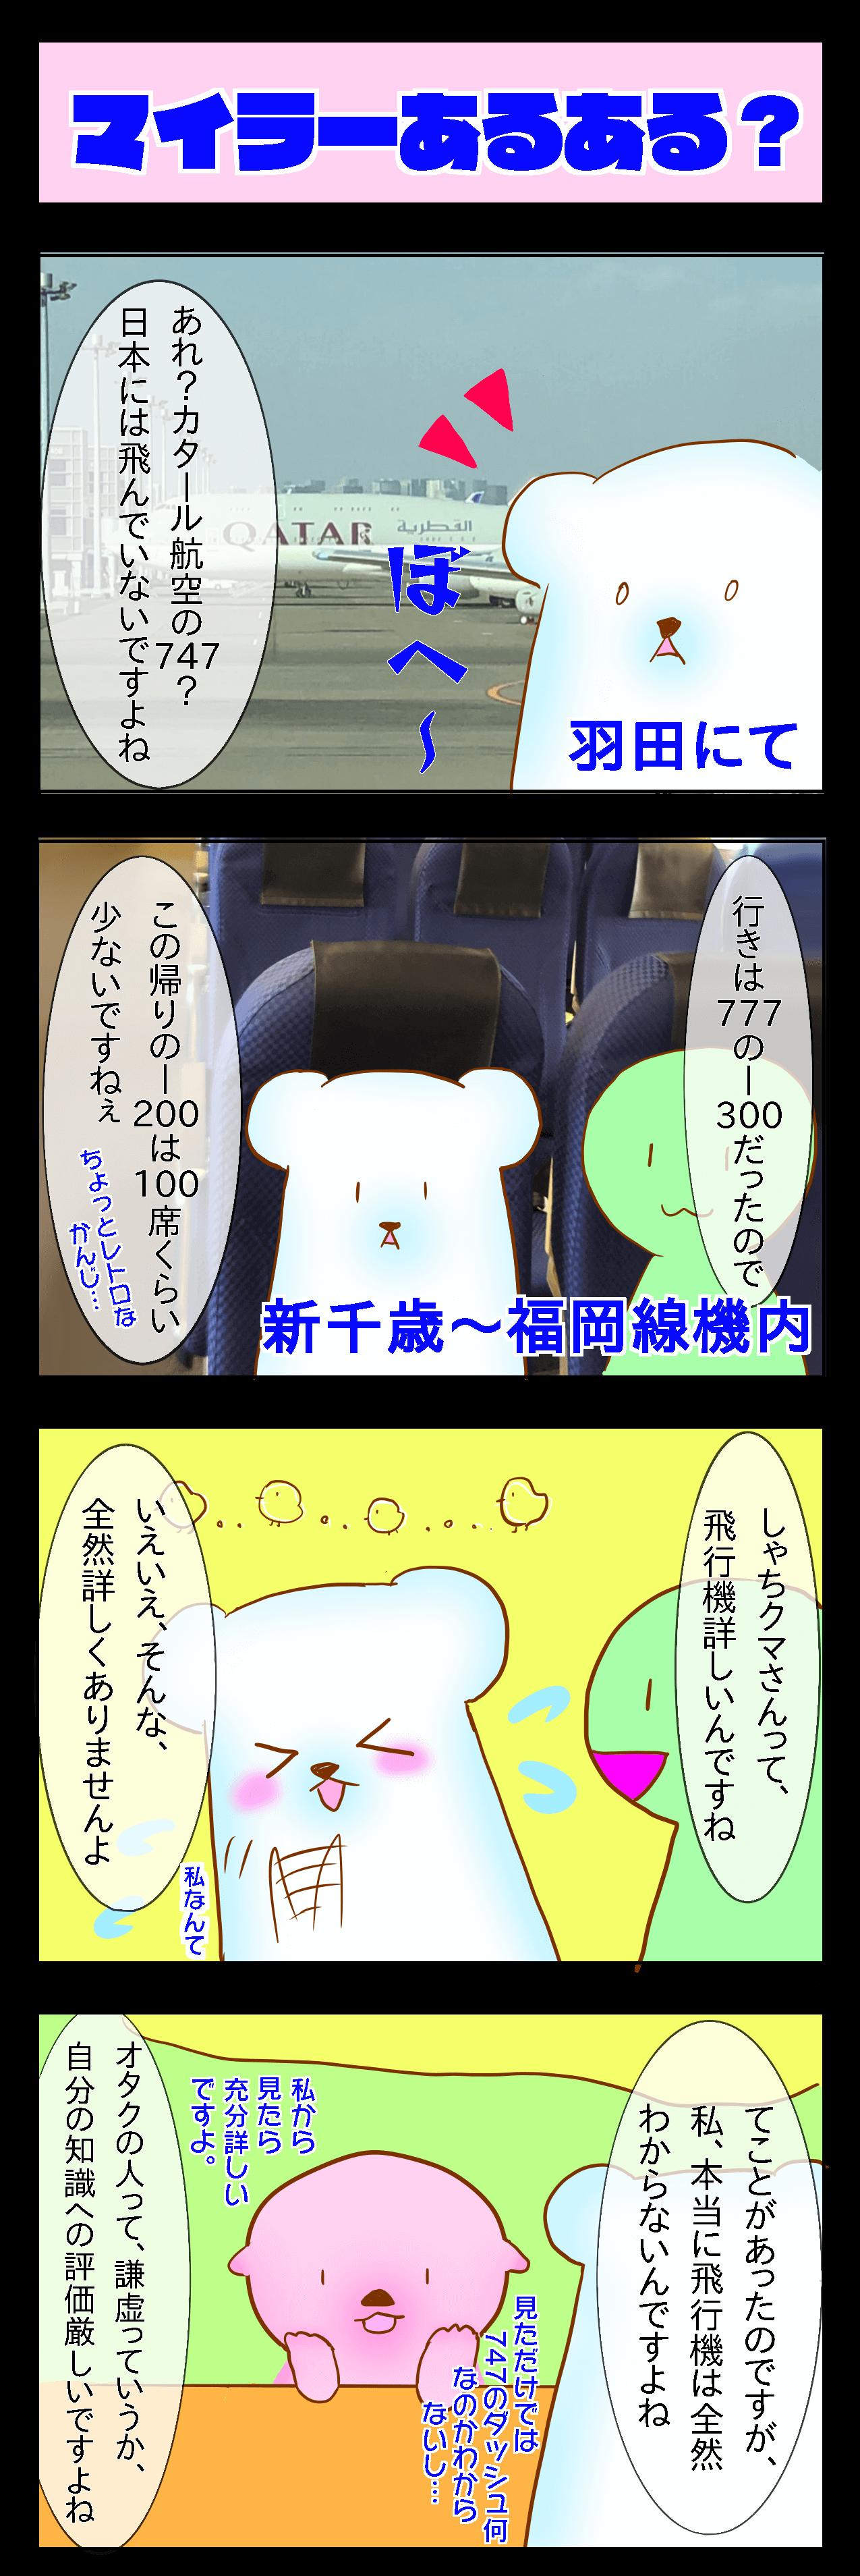 マイラー漫画 mileage run manga マイラーあるある